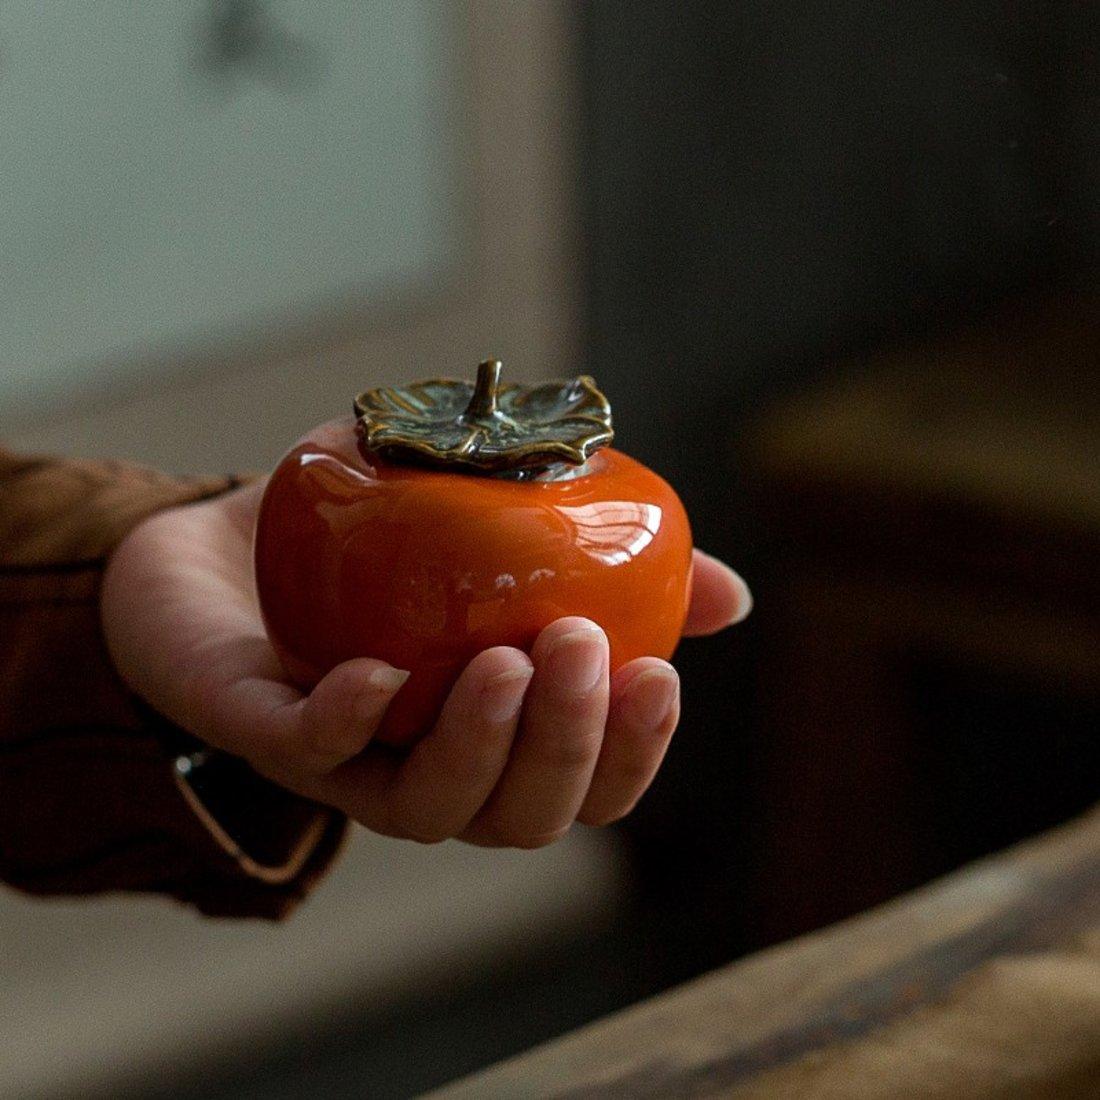 「柿柿如意 」 柿子陶瓷茶叶罐